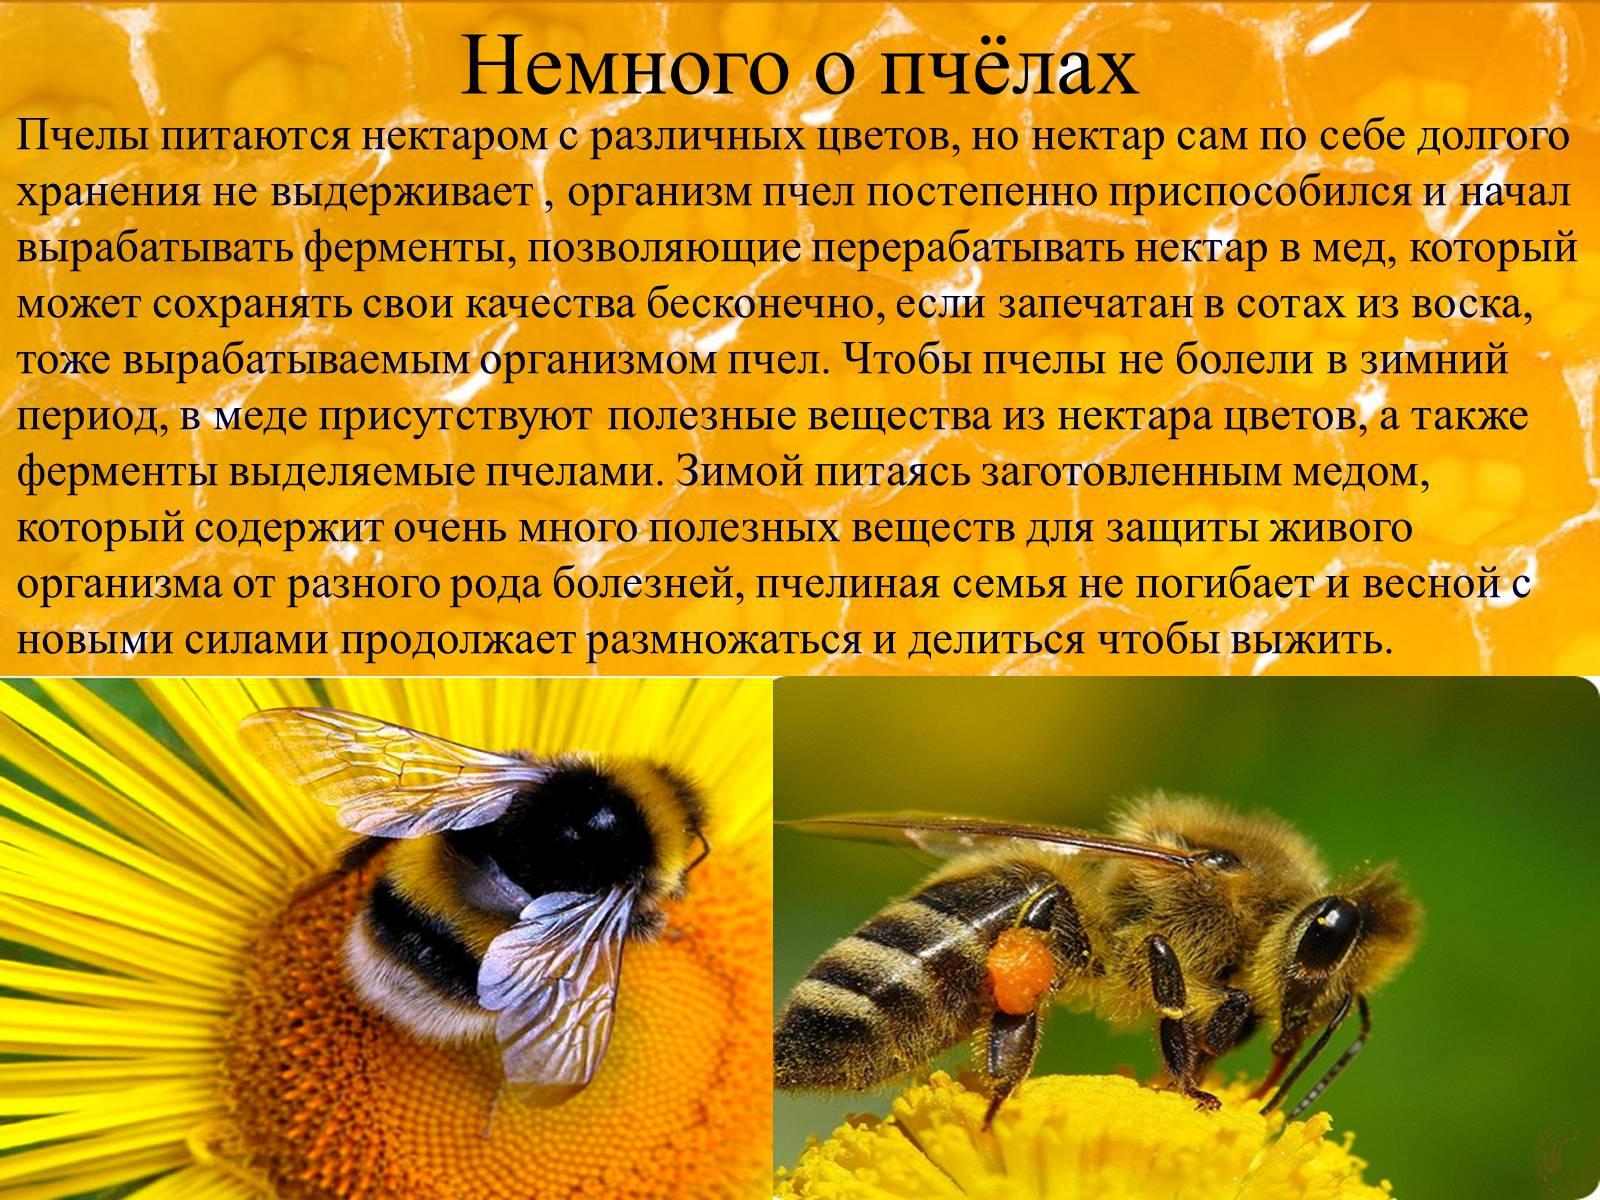 Дикие пчелы - основы пчеловодства, особенности и характеристика насекомого (105 фото)